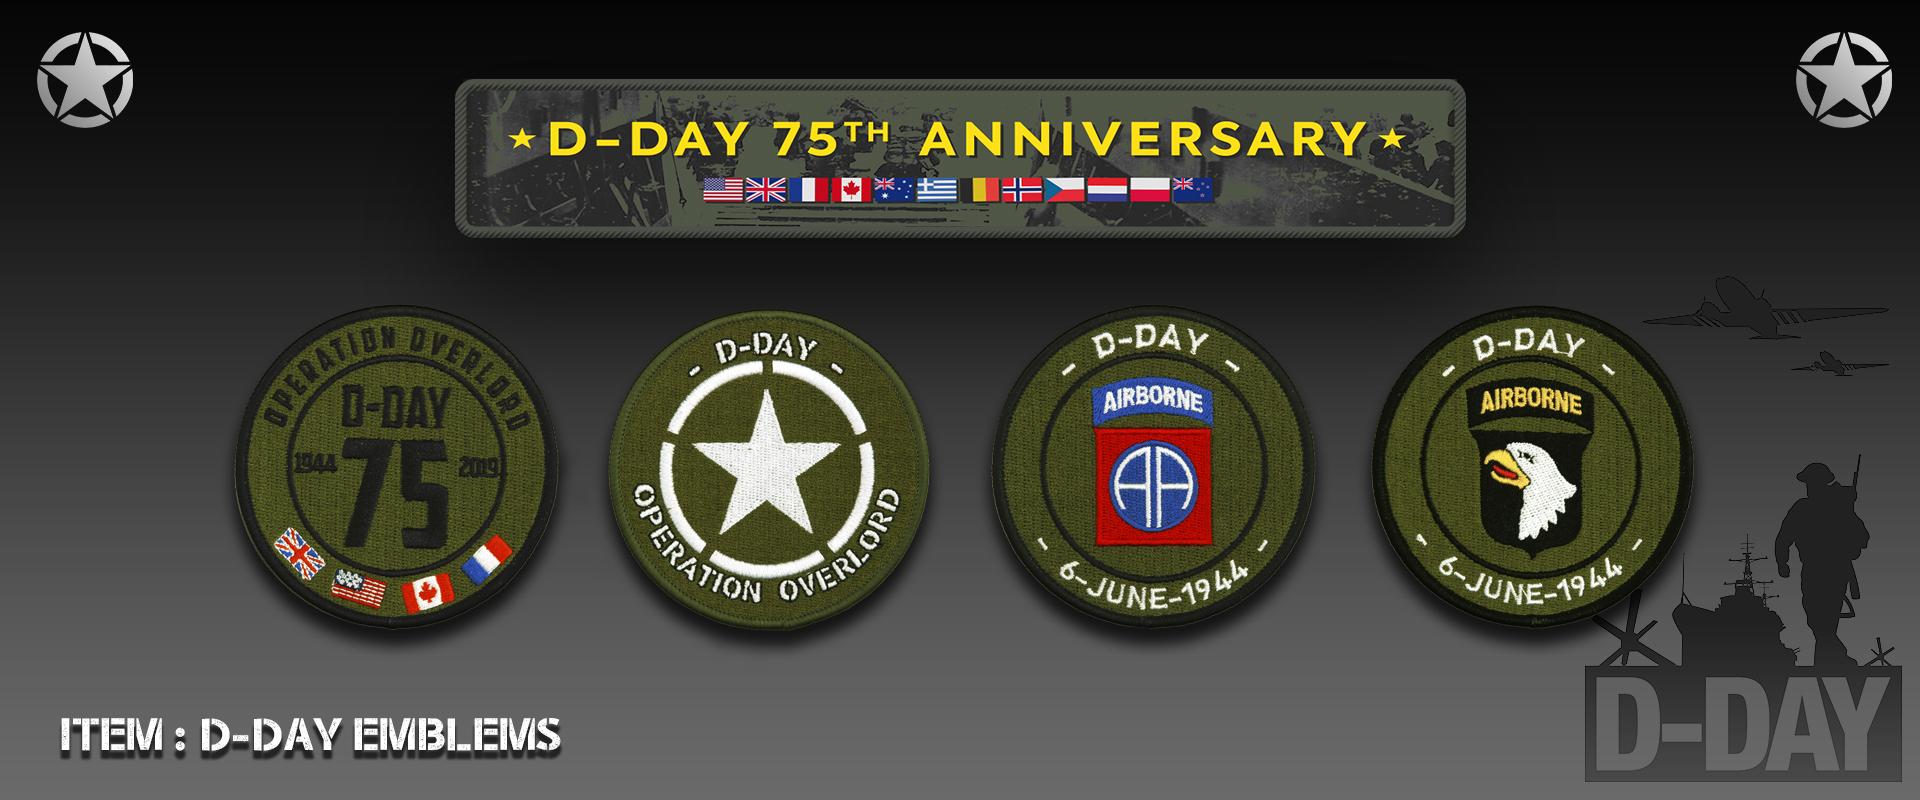 D-Day Emblems